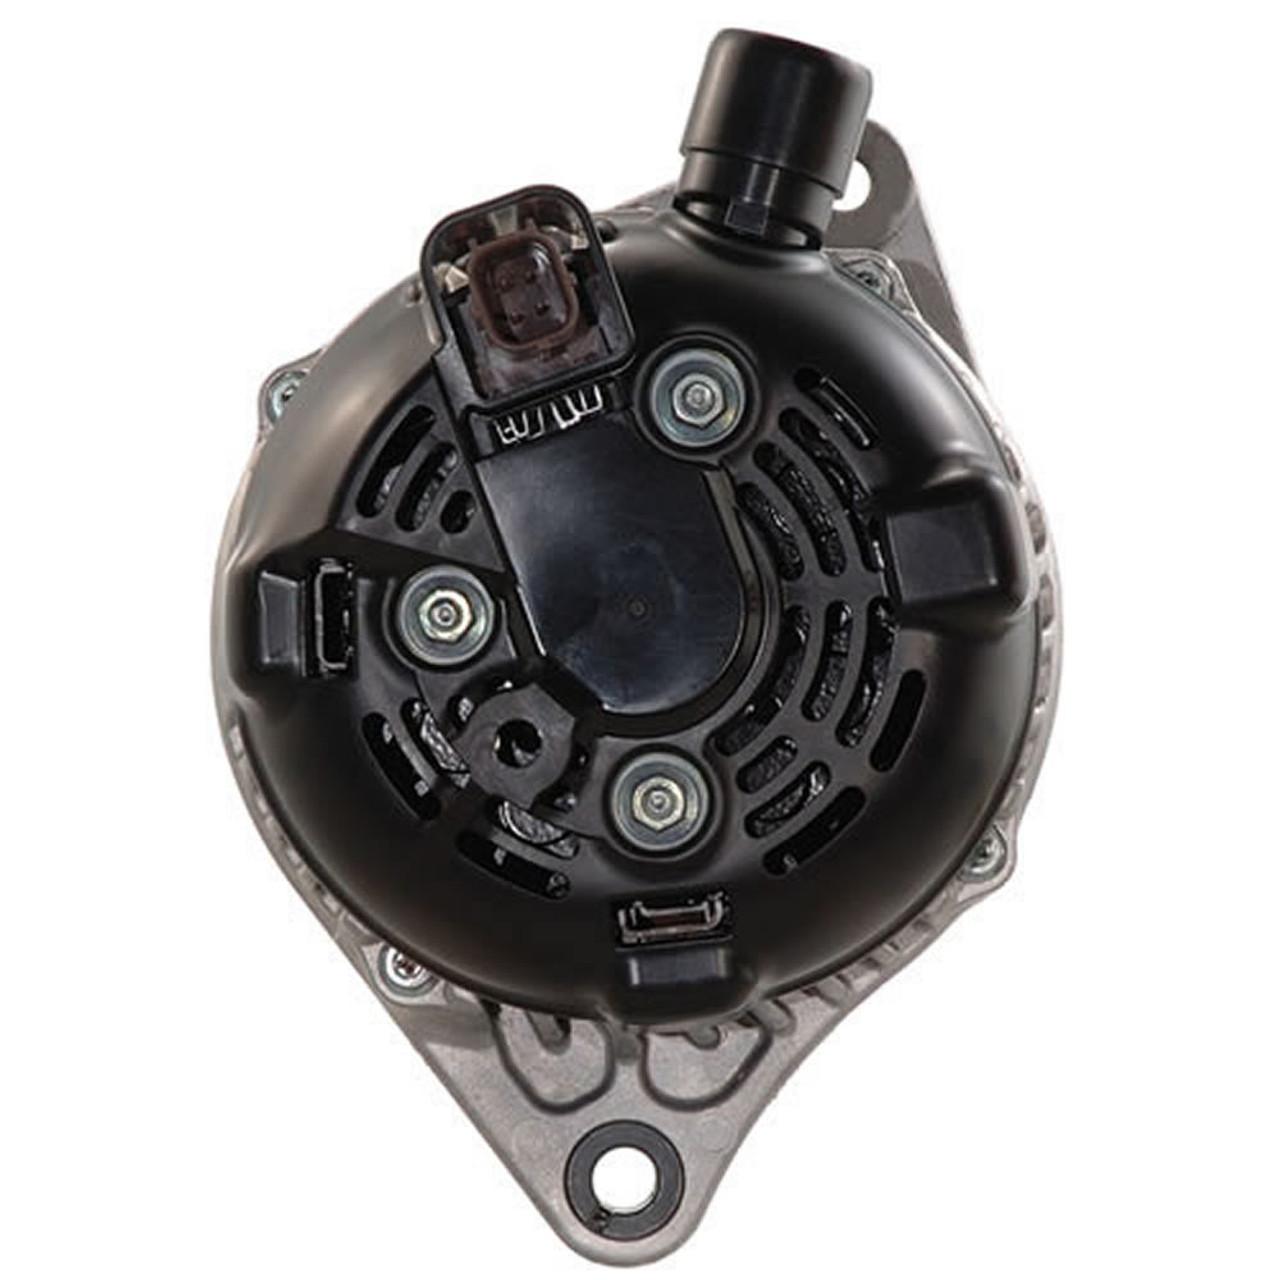 Acura MDX 3.7L 2010-2013 MAS Alternator 11391